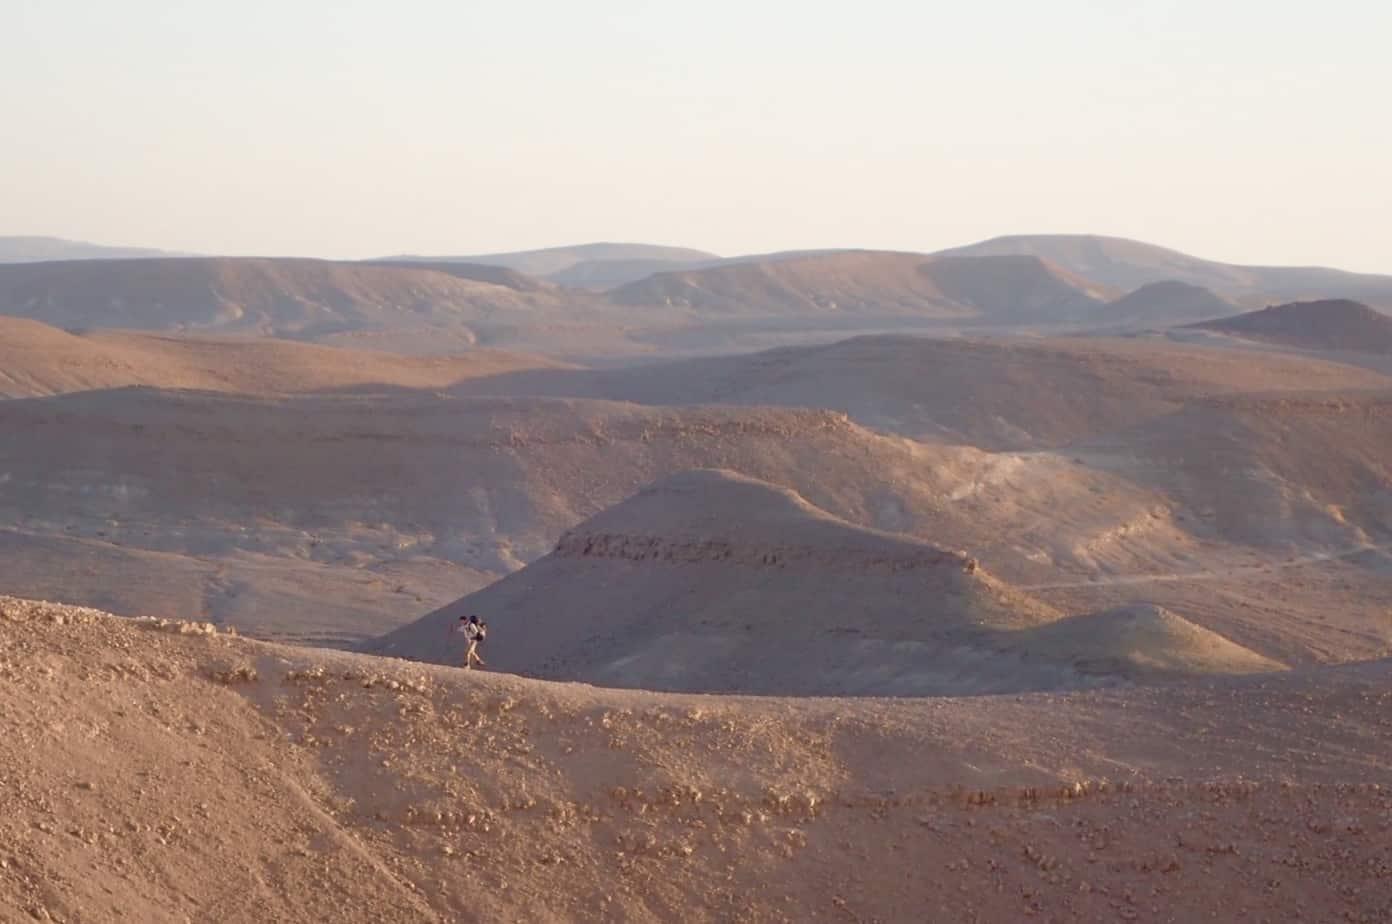 Negev view